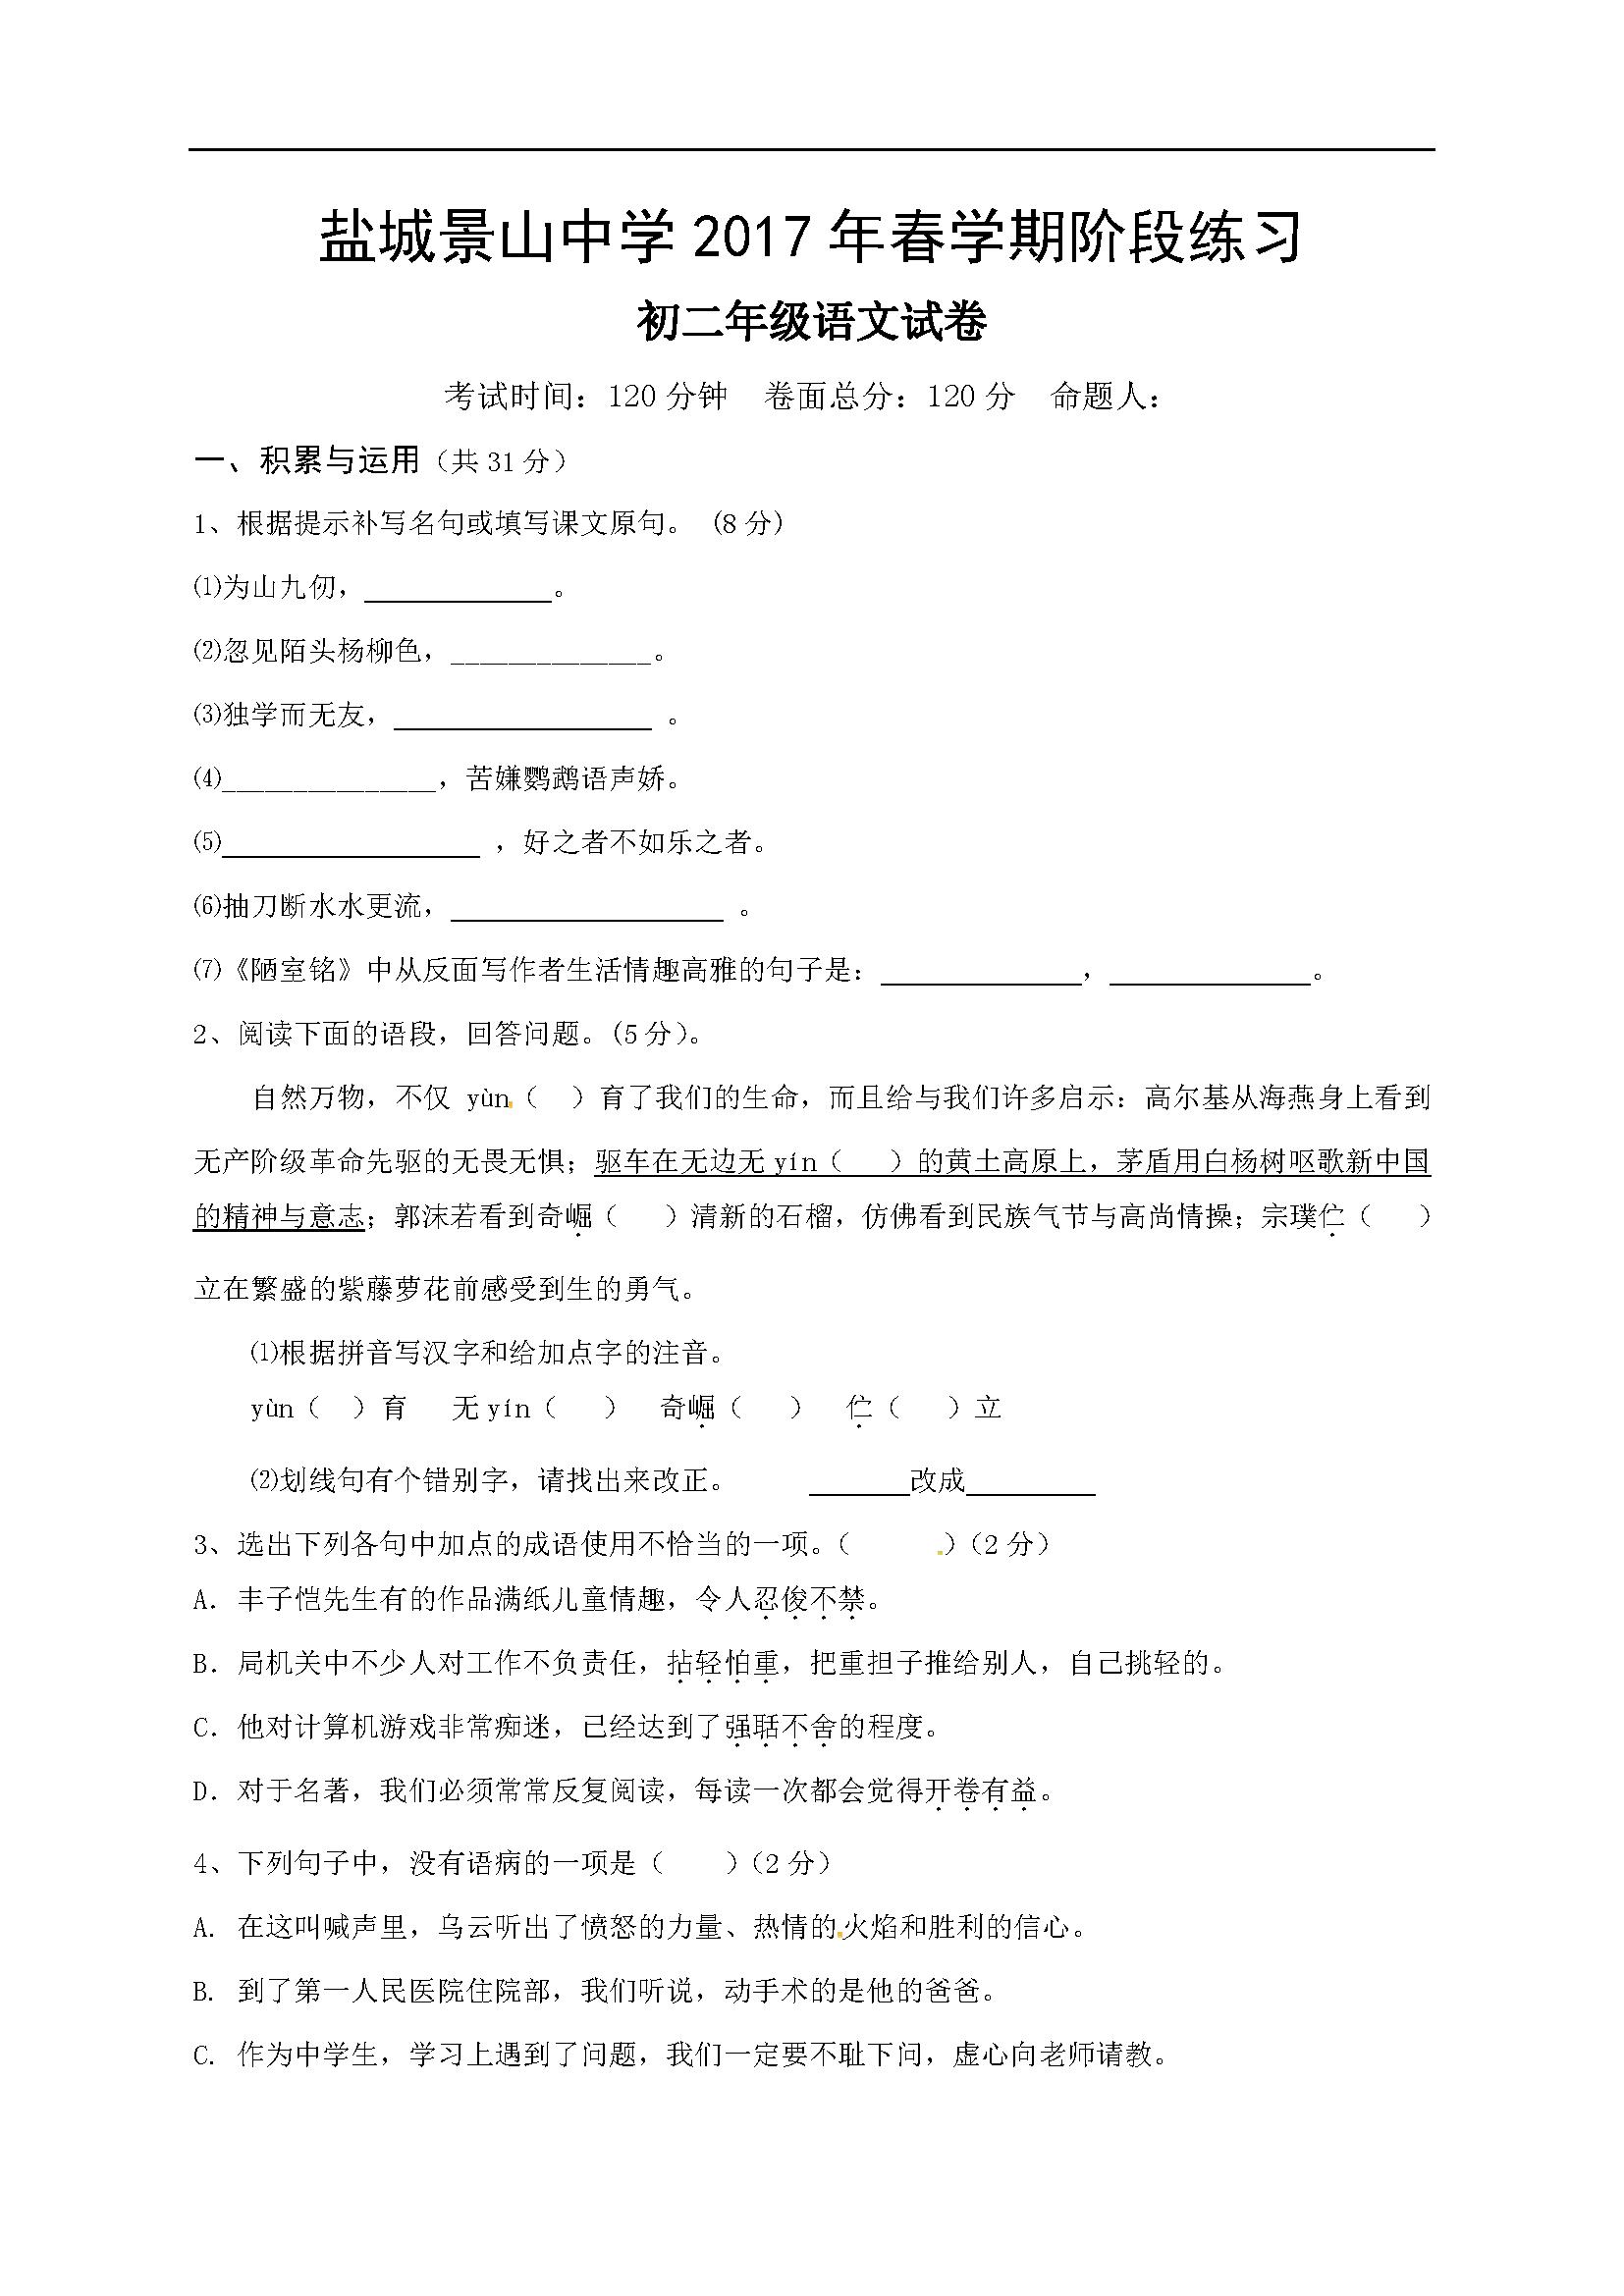 江苏盐城景山中学2016-2017八年级下第一次月考语文试题(Word版)